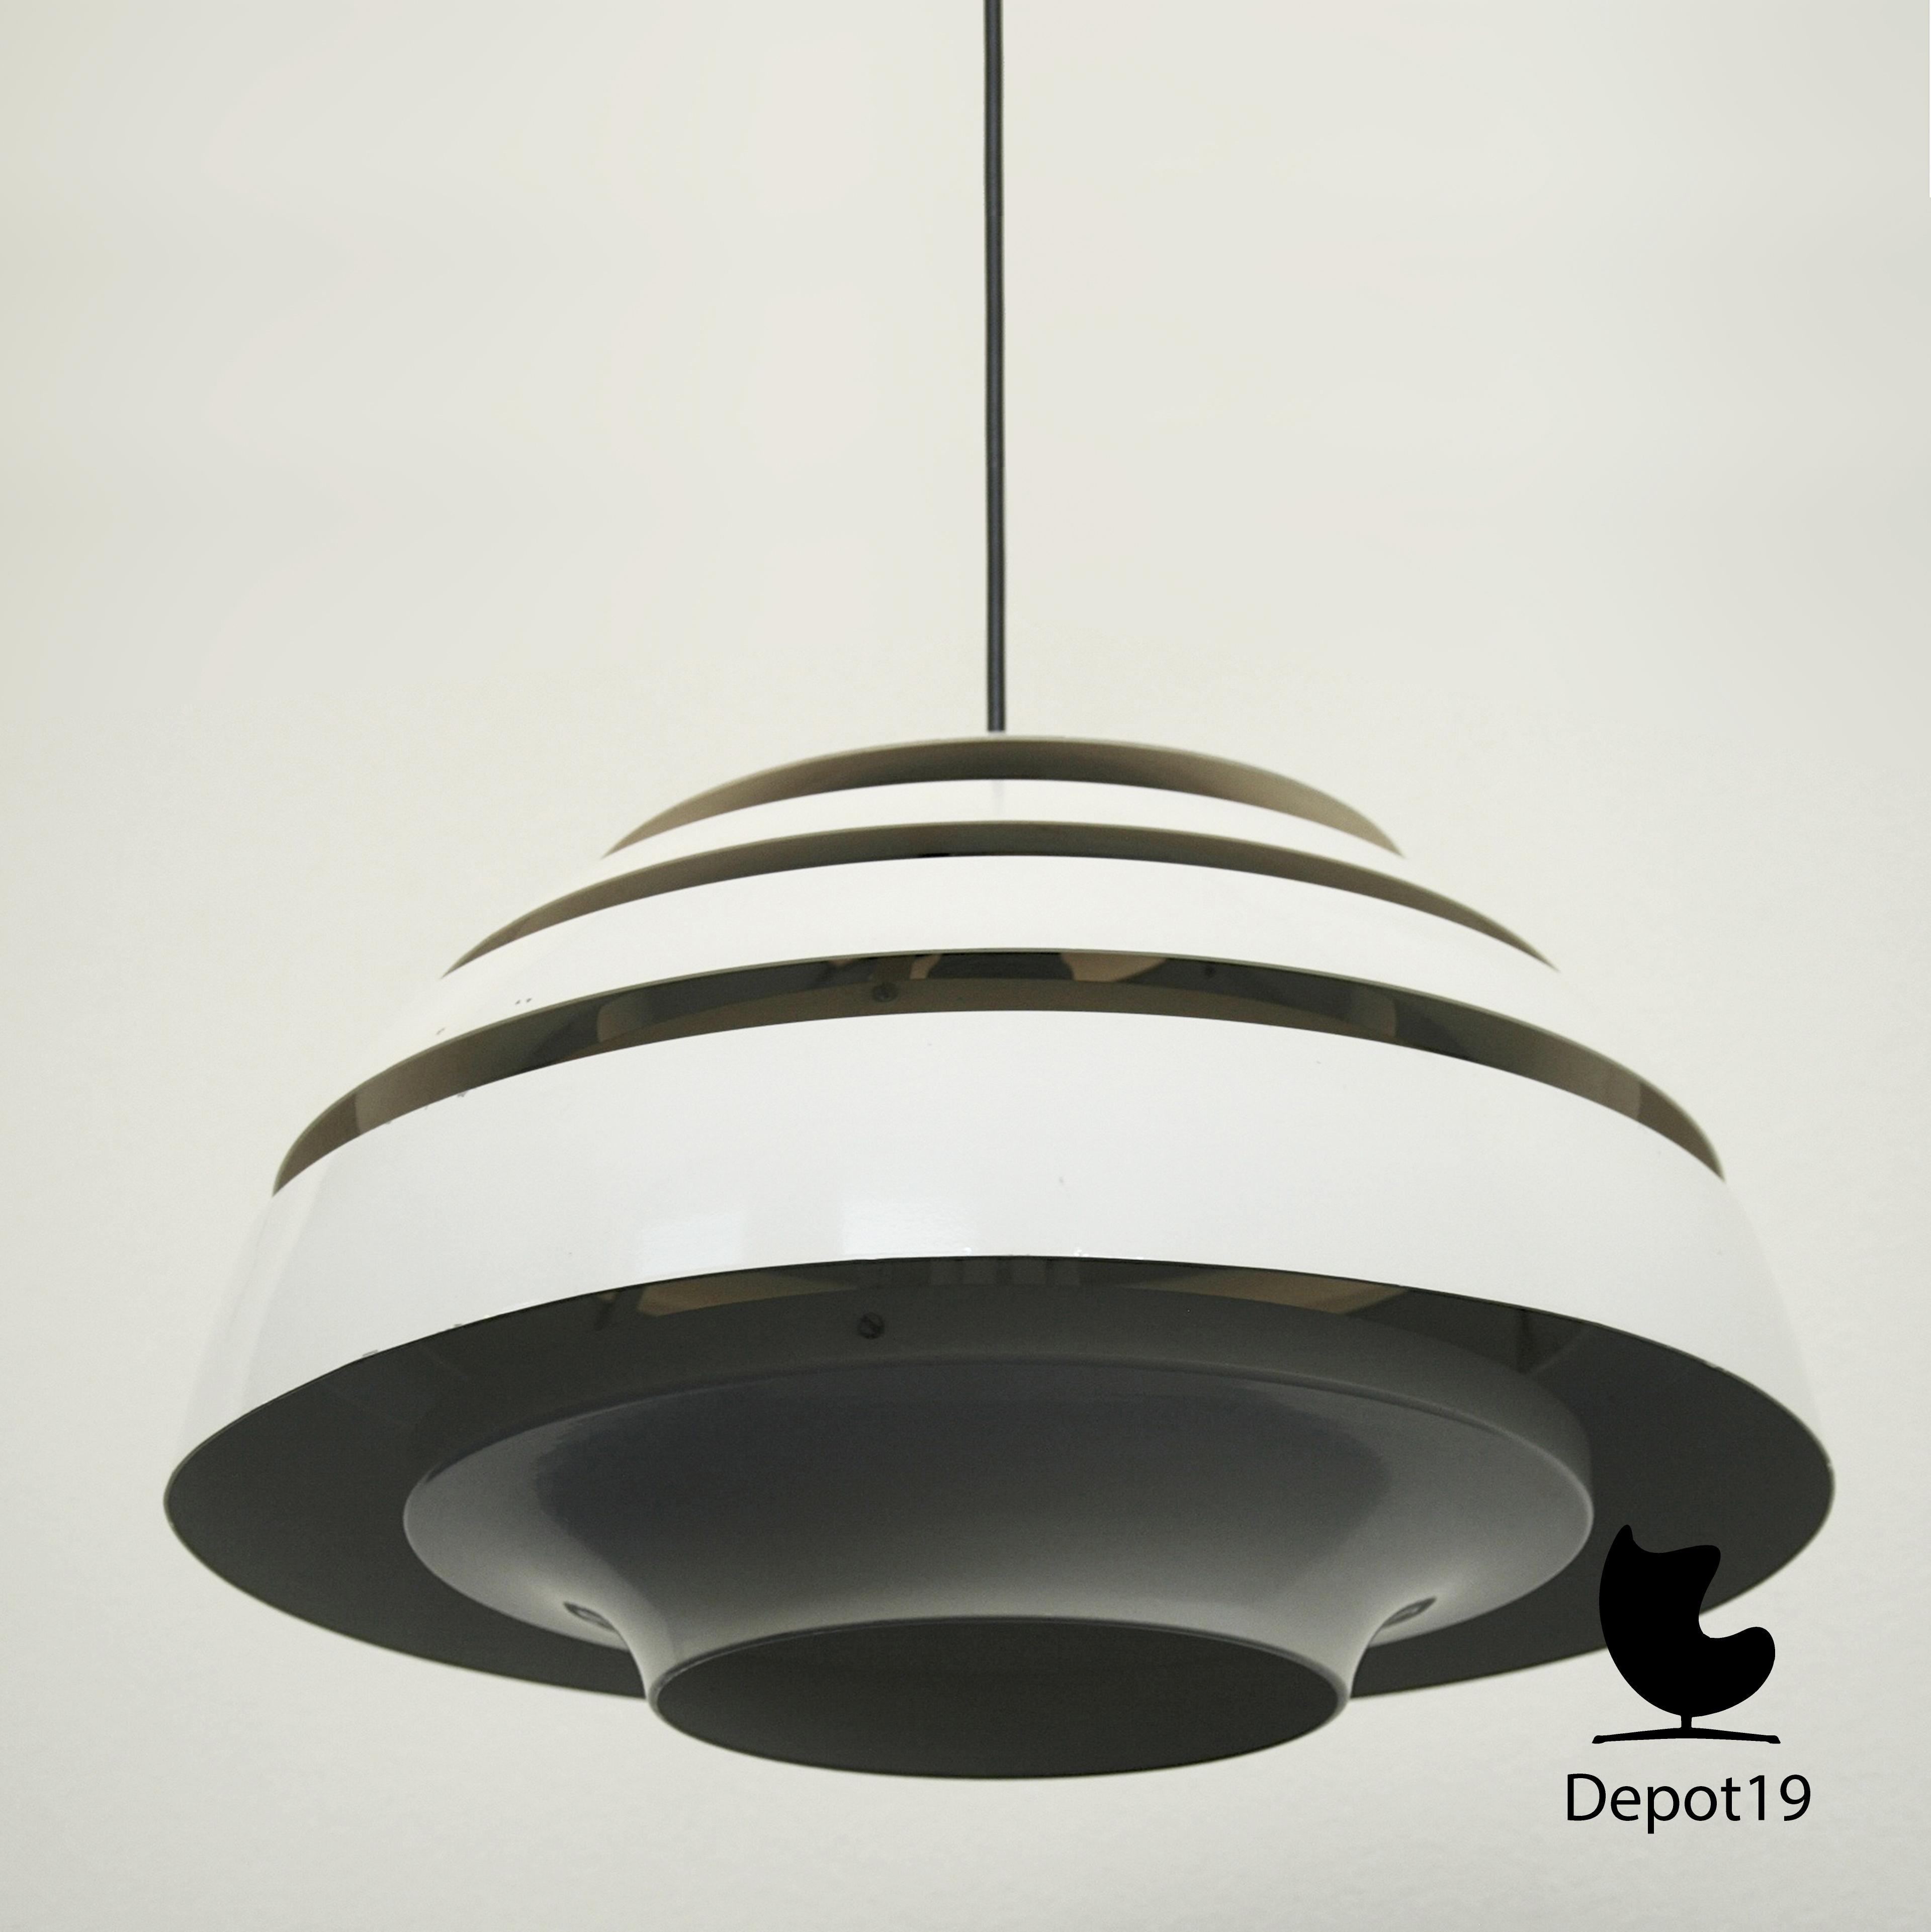 hans agne jakobsson dome hanglamp depot 19. Black Bedroom Furniture Sets. Home Design Ideas